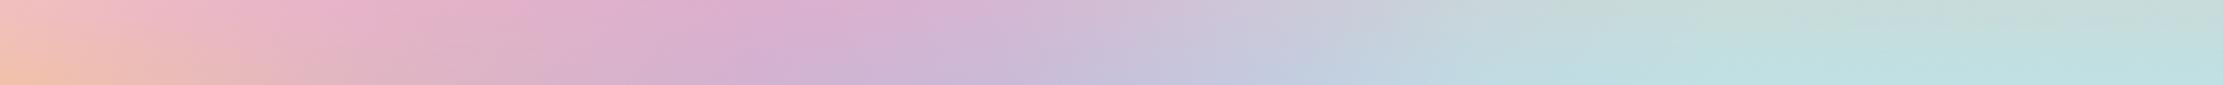 Bande couleur.png